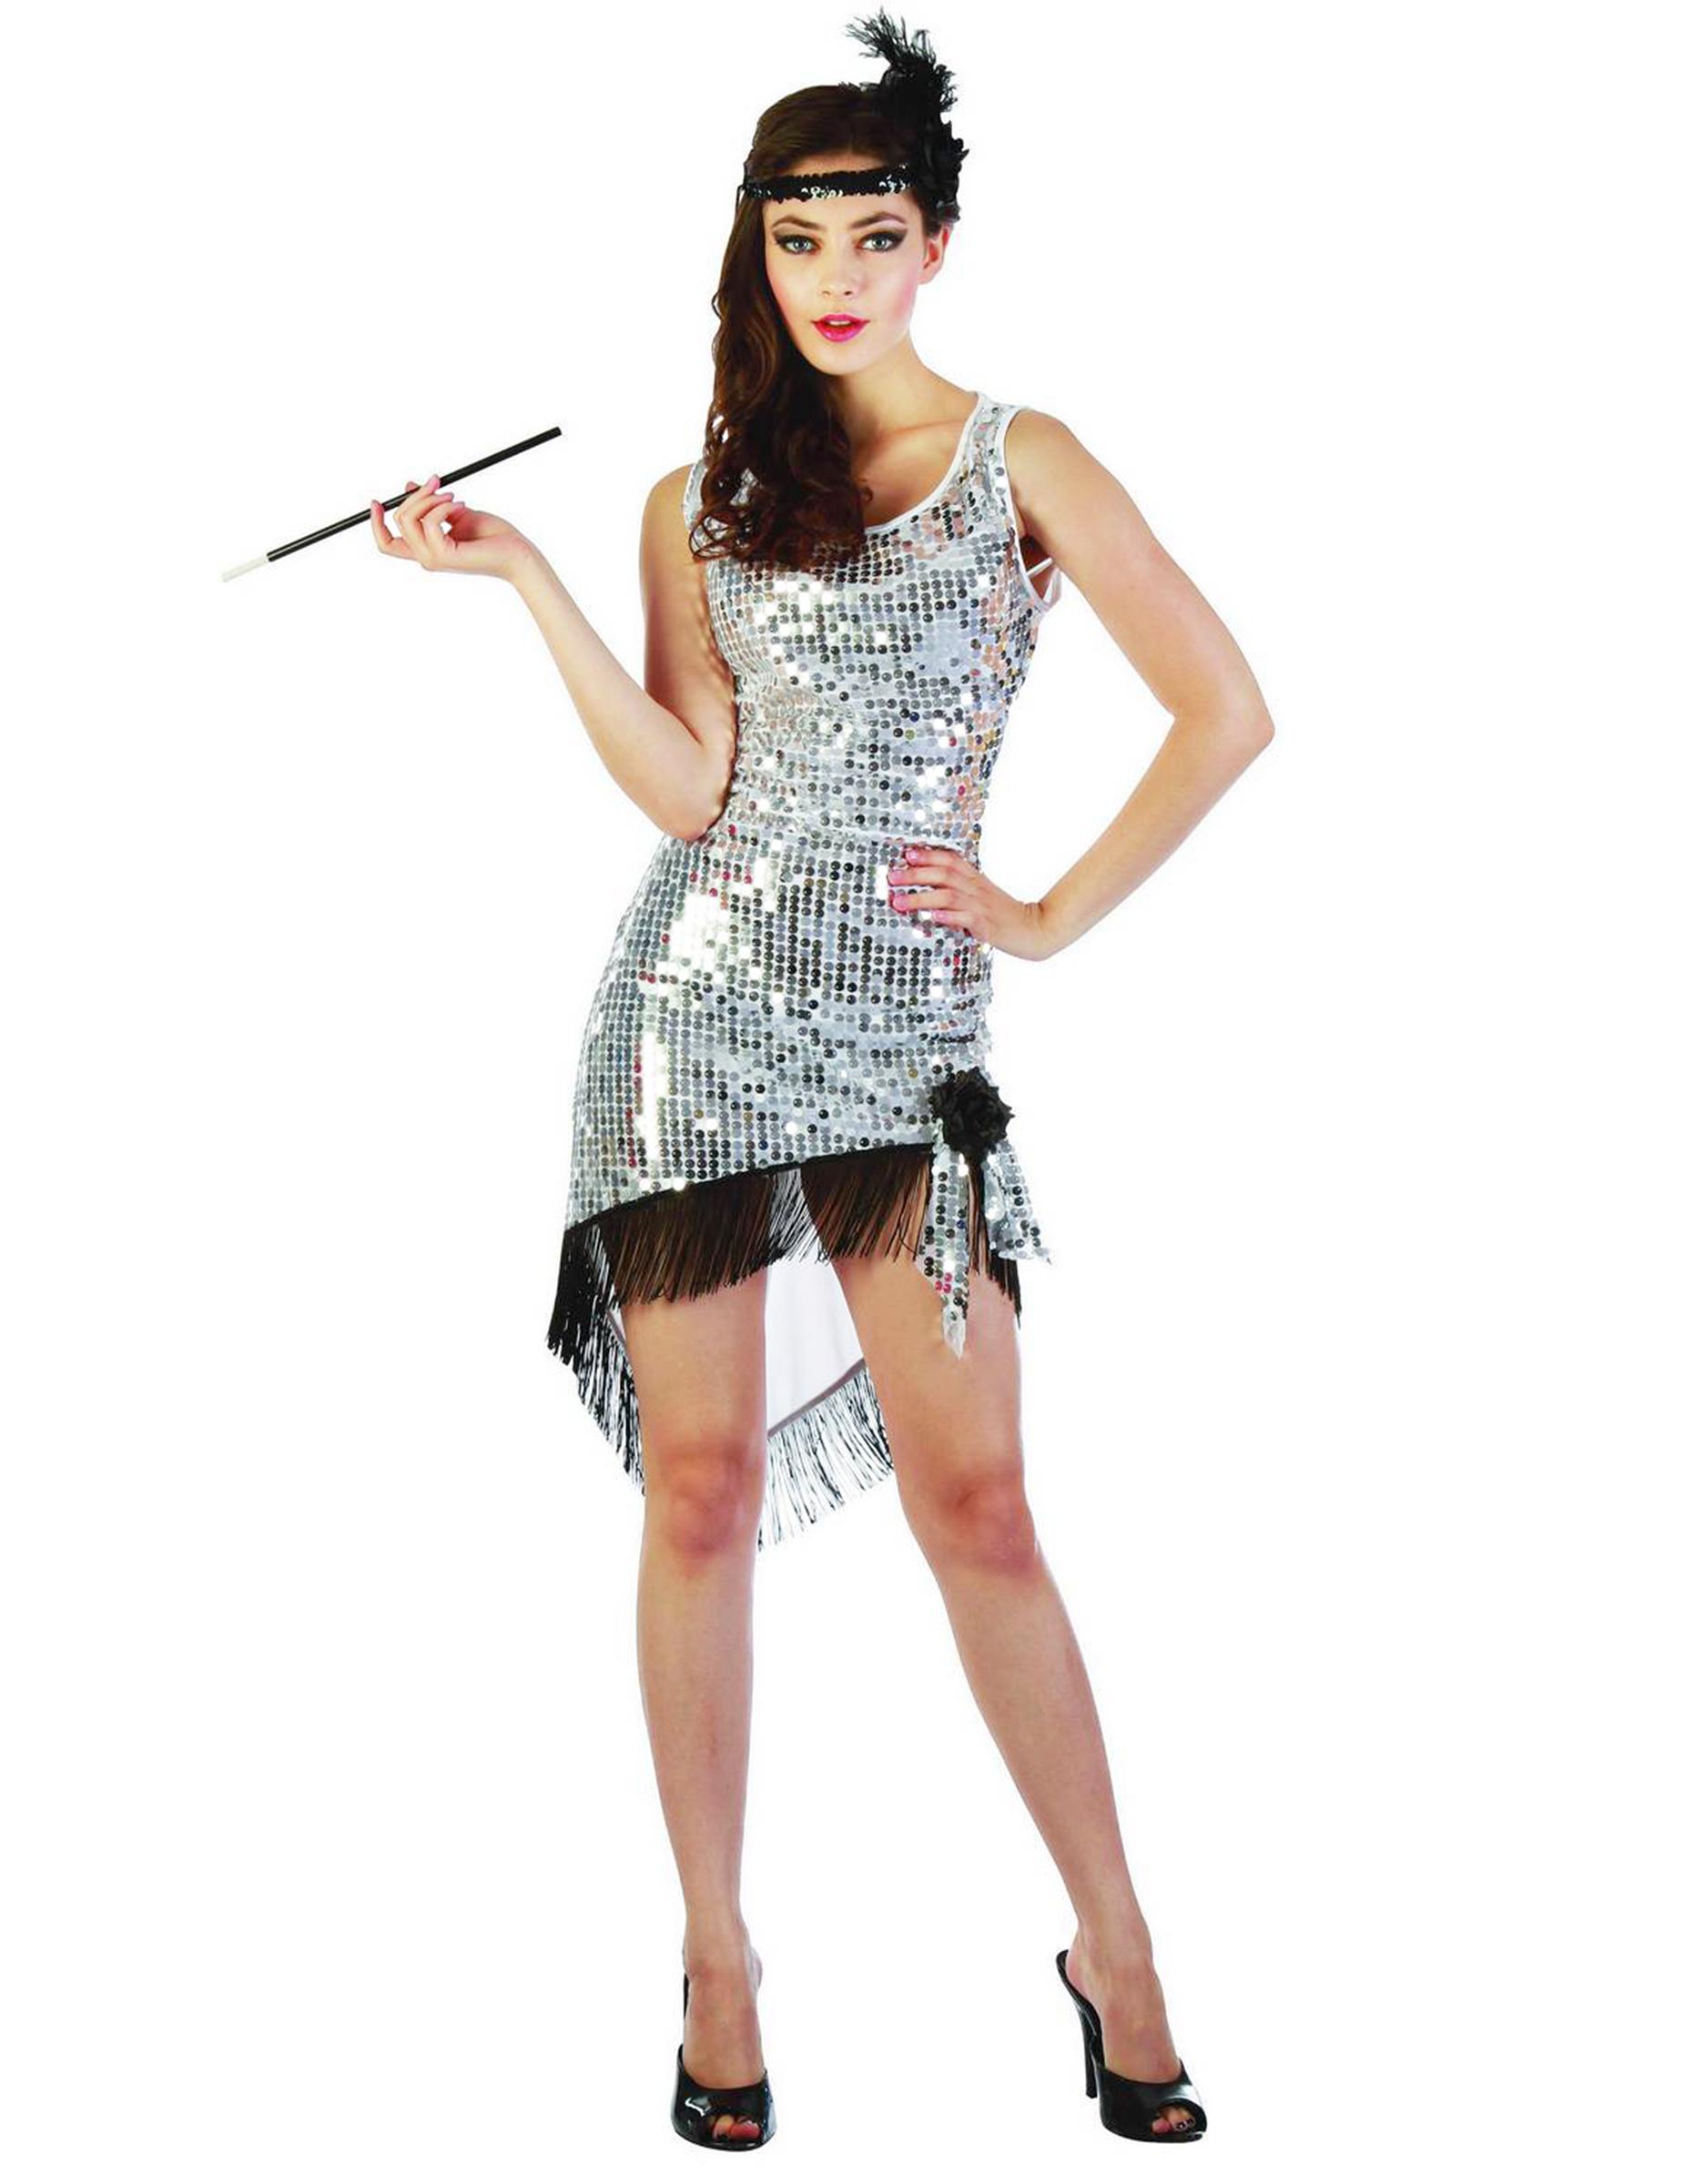 D guisement charleston sexy femme argent sequins - Trajes de carnaval de epoca ...